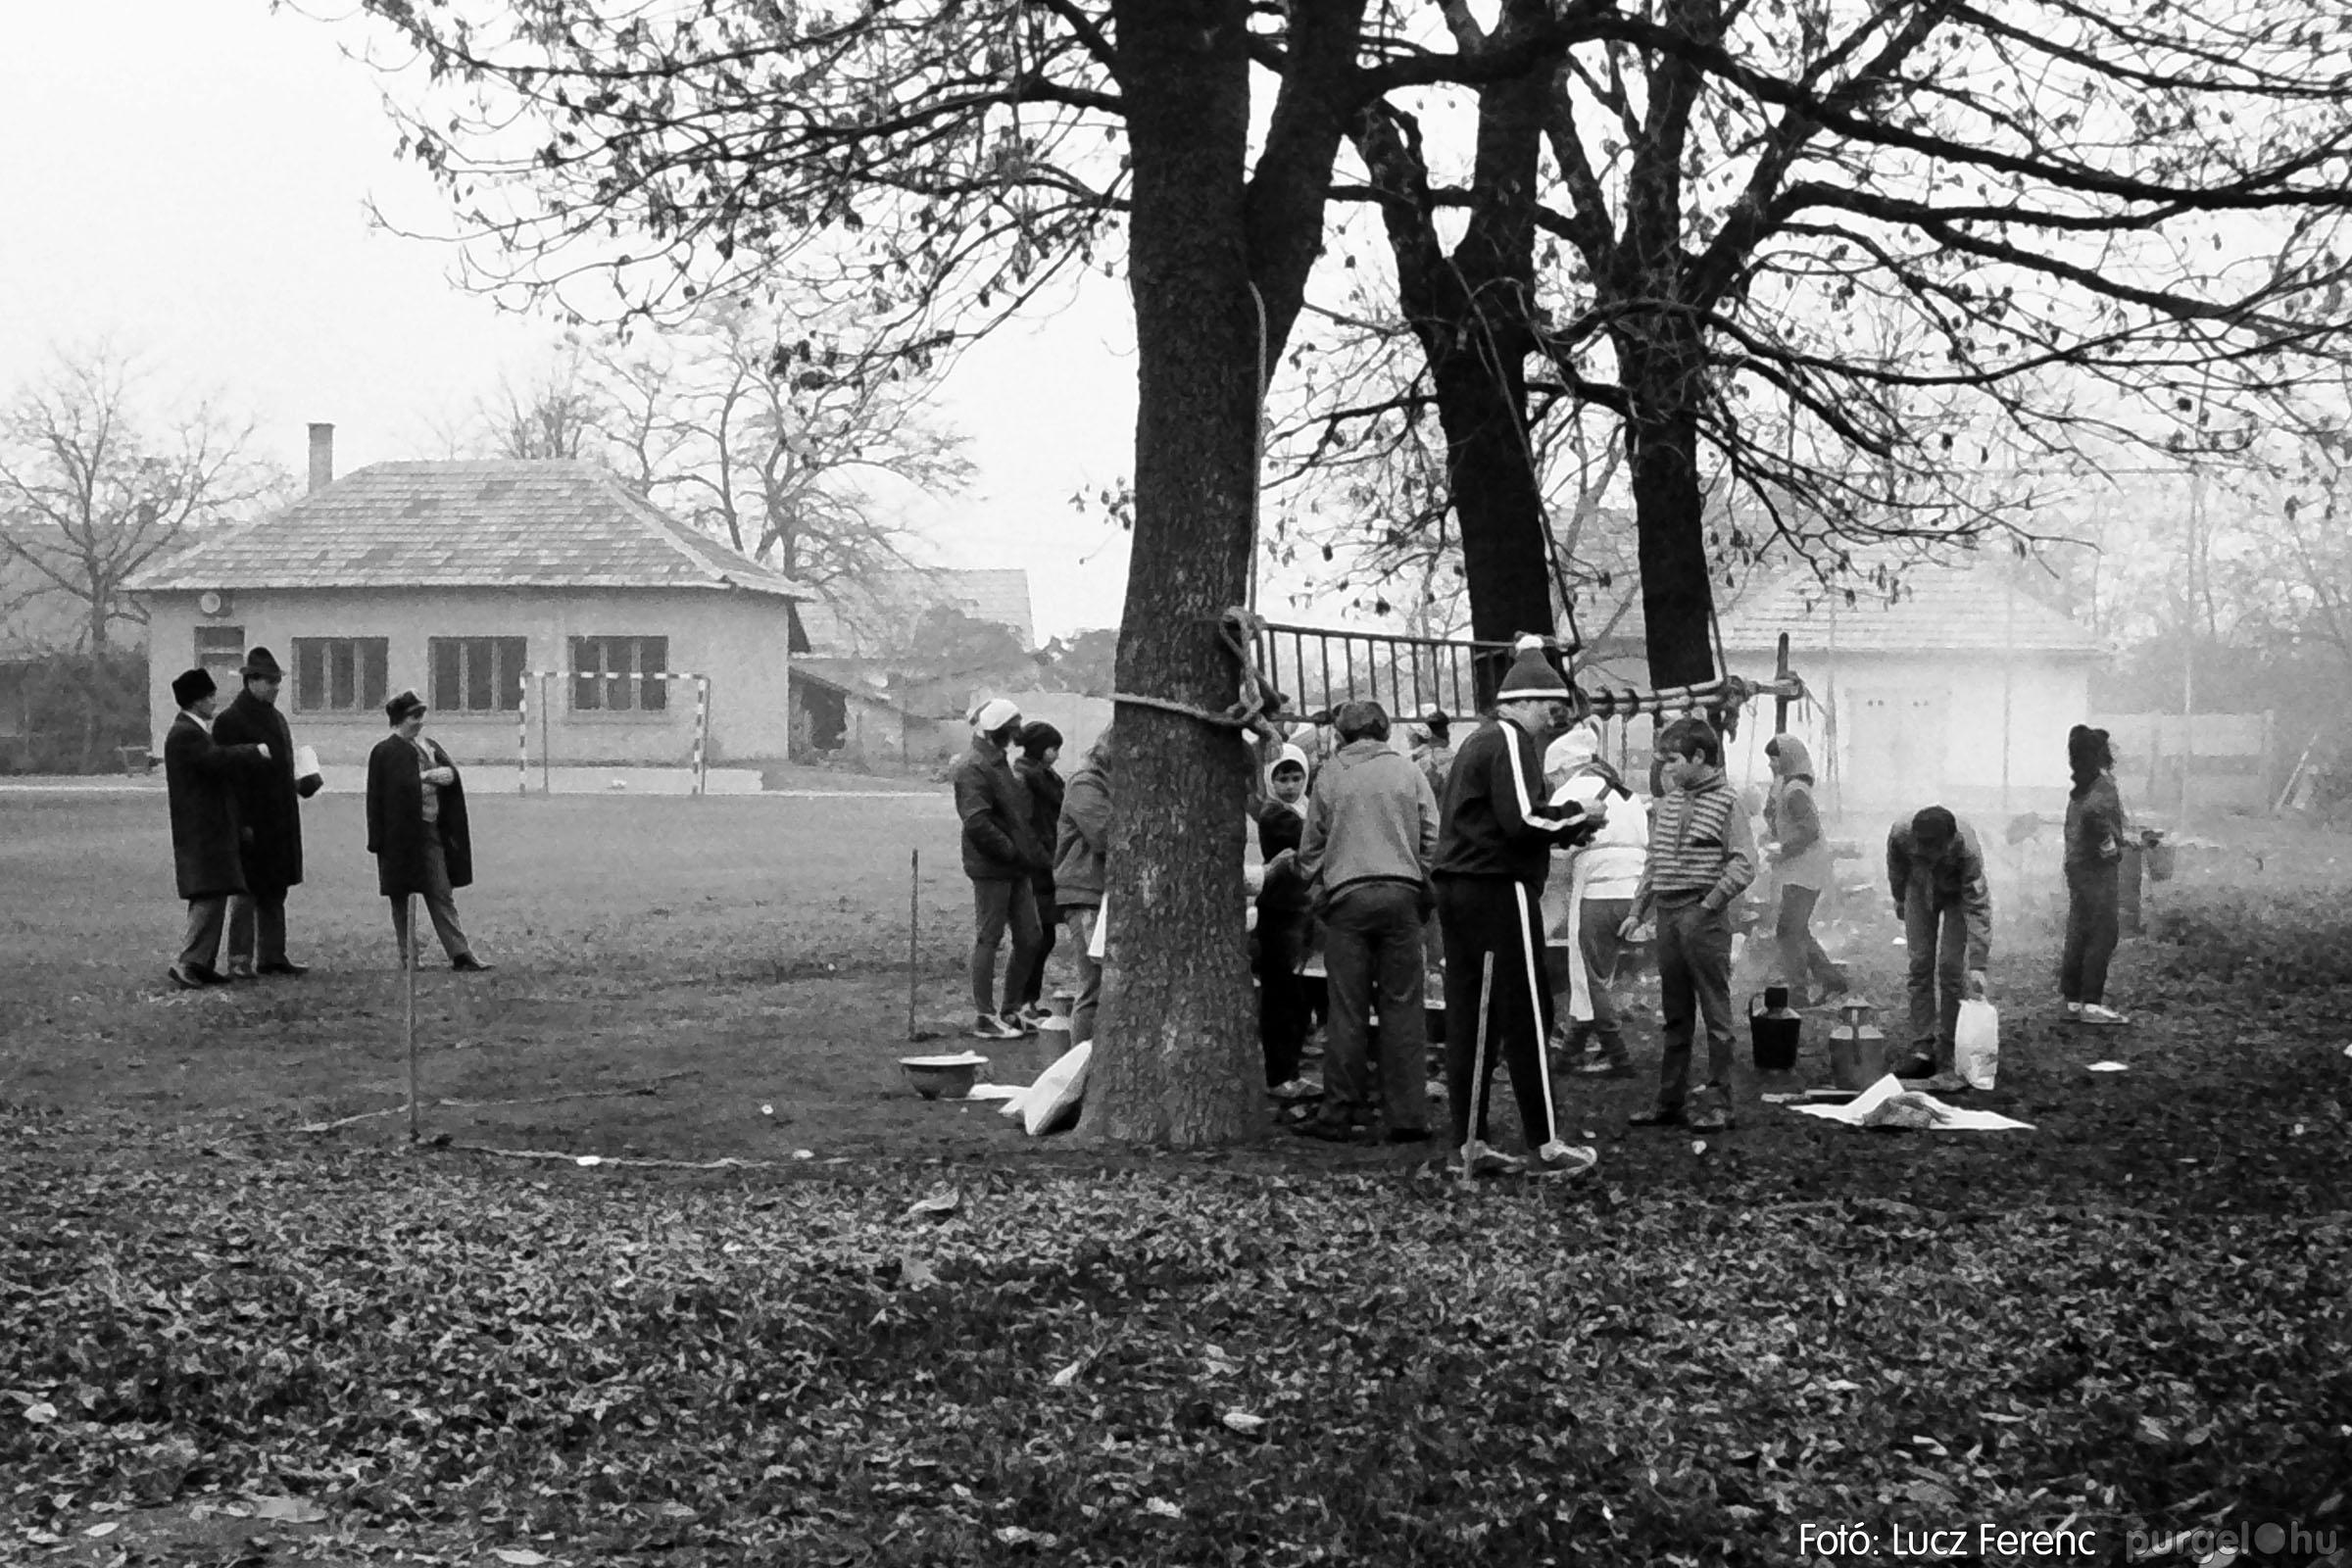 004A 1970-es évek - Úttörő rendezvény 009 - Fotó: Lucz Ferenc IMG00020q.jpg